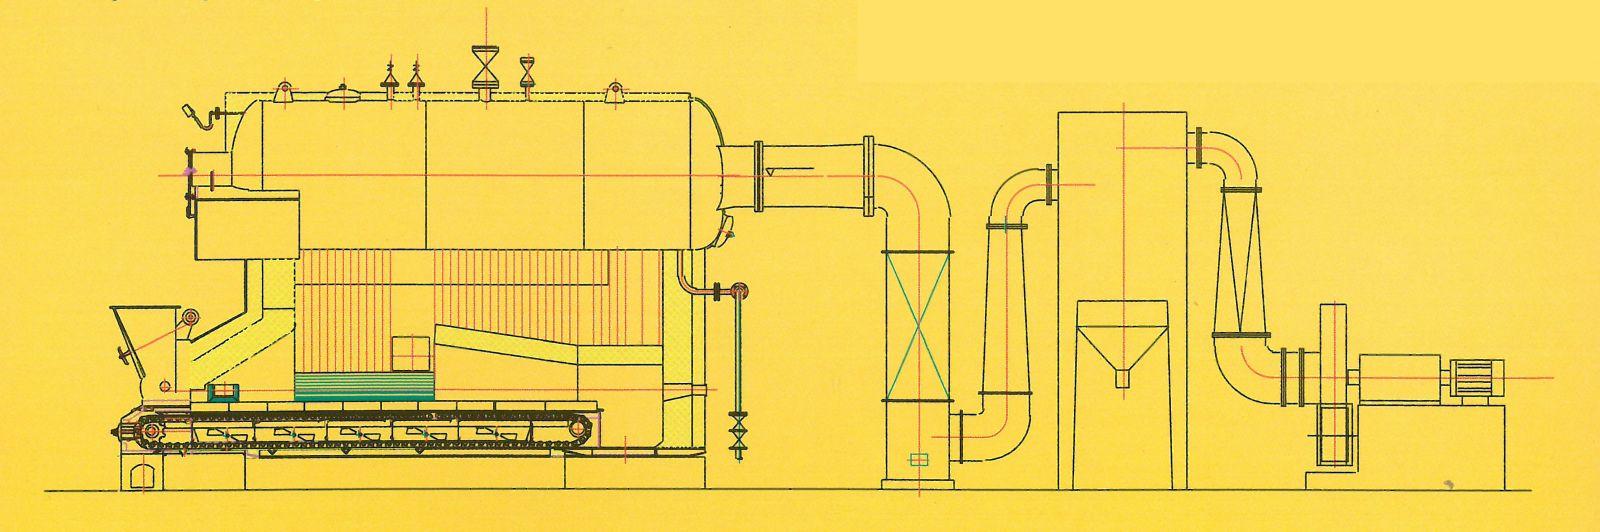 tehnicheskaja-jekspertiza-gazovogo-oborudovanija.jpg